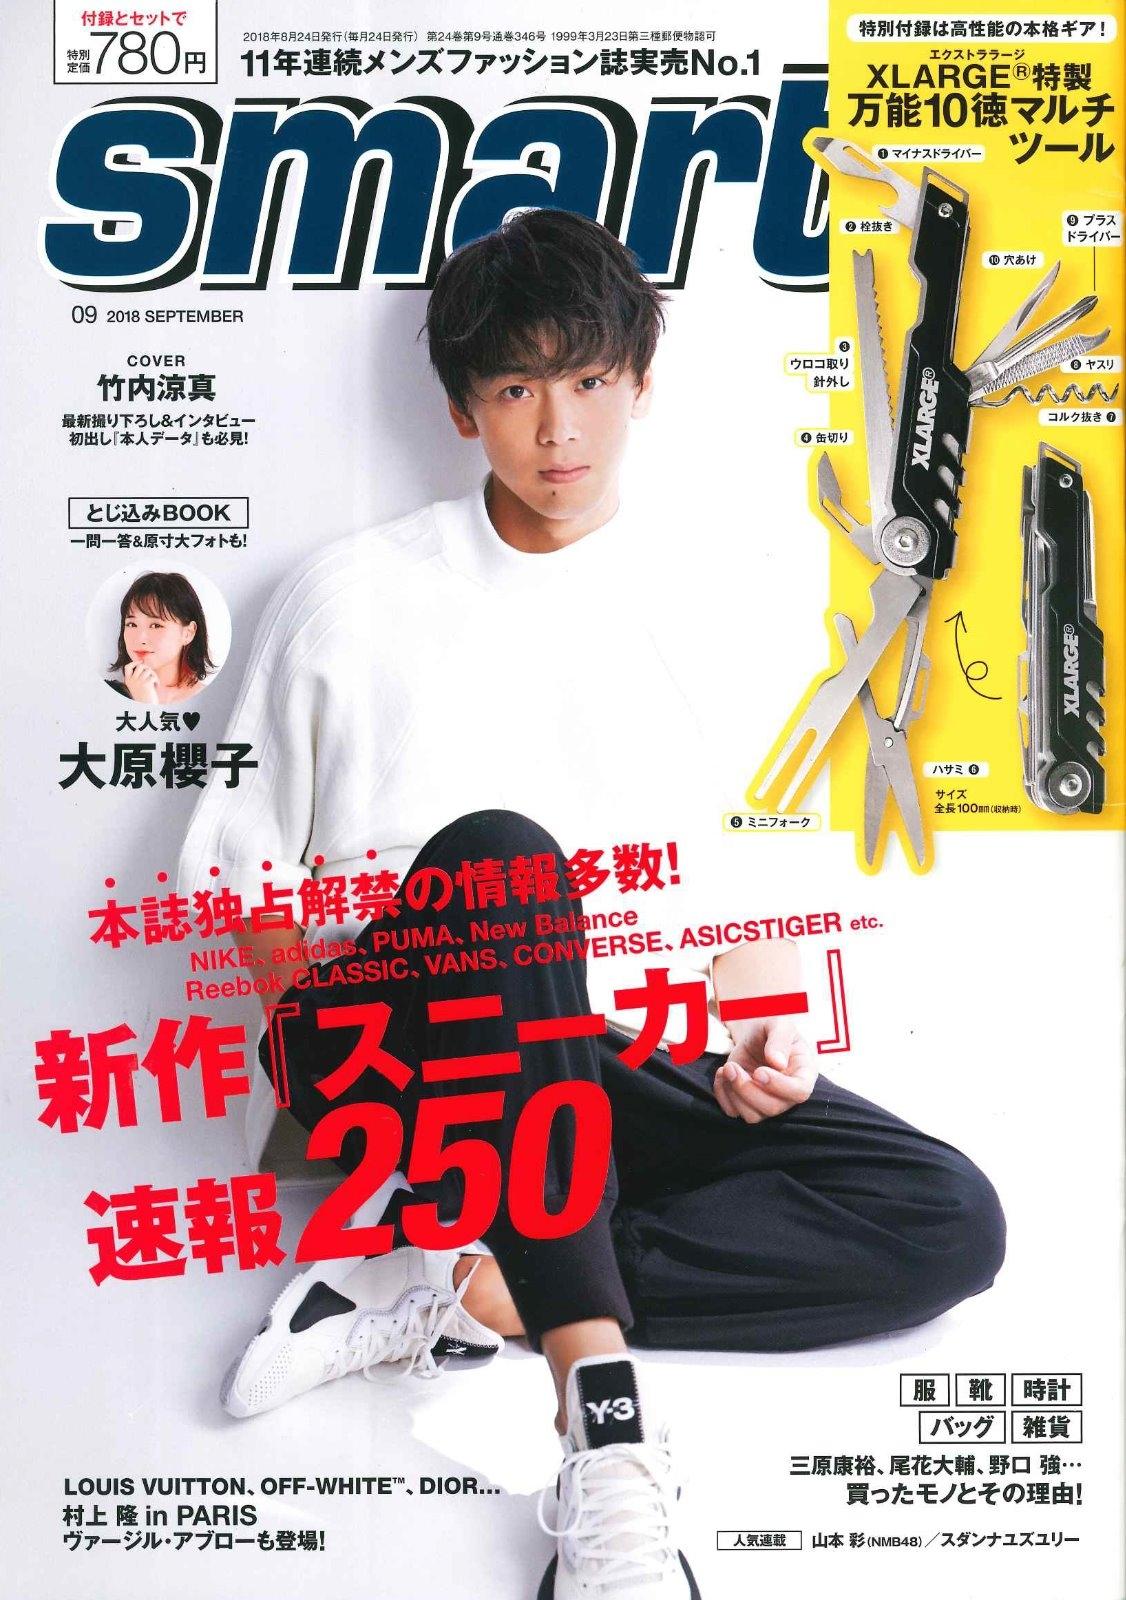 【smart】9月号掲載情報